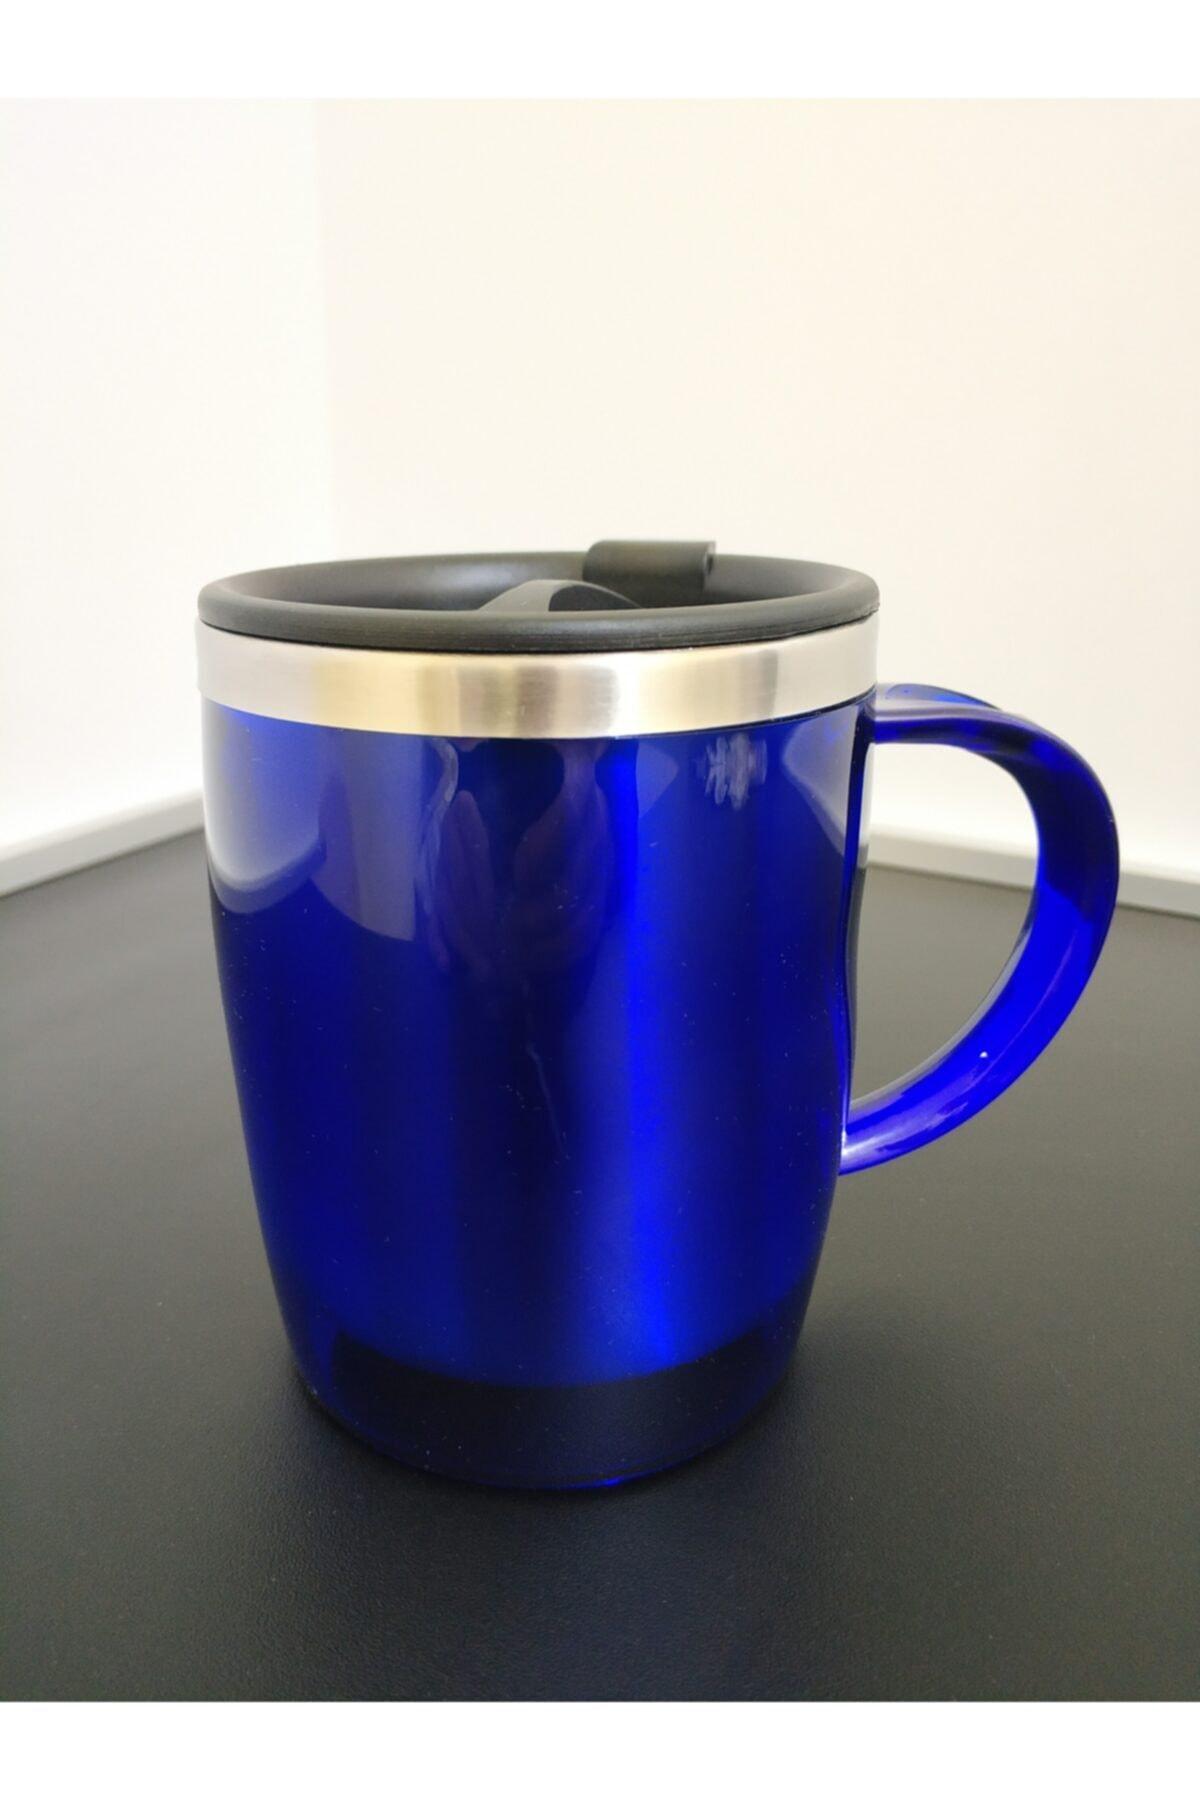 MODZİGO Mavi Renk Paslanmaz Çelik Kupa Bardak Termos Vakumlu 450 Ml 1